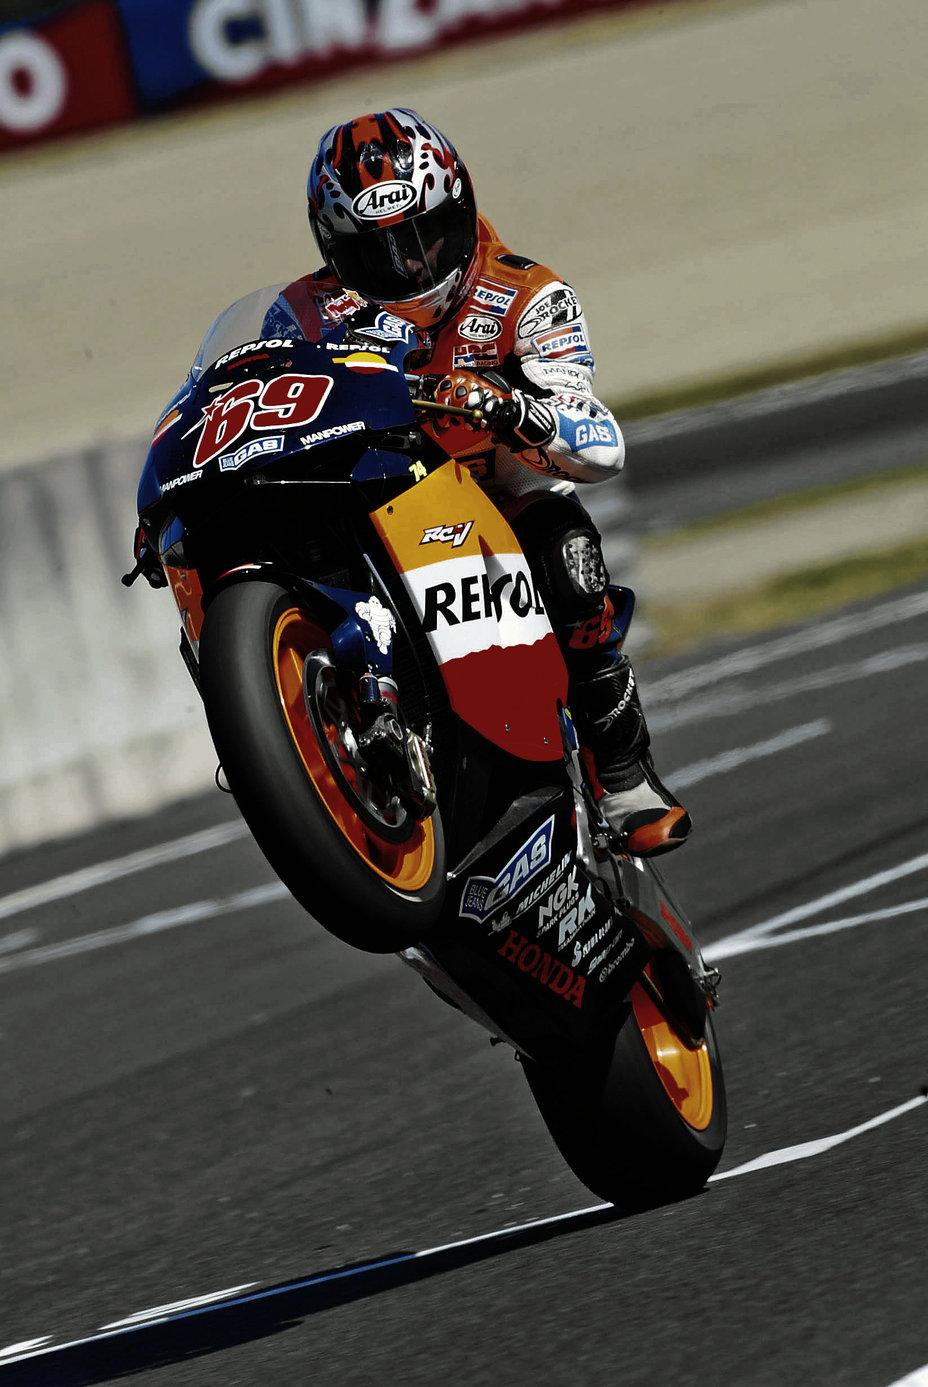 Nicky Hayden 2003 Motogp